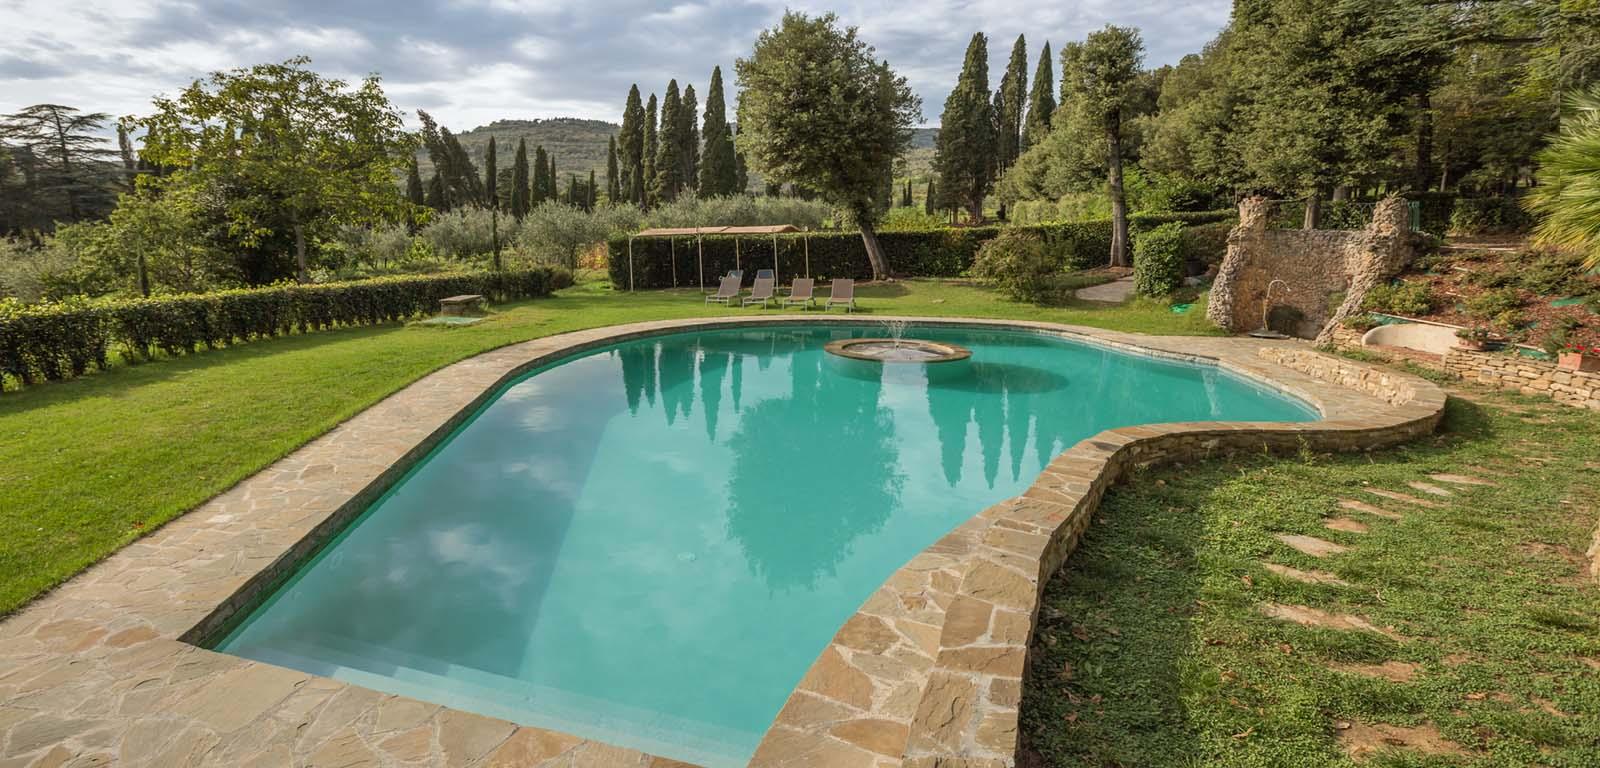 Piscine con rivestimento grigio piscine castiglione - Fontana per piscina ...